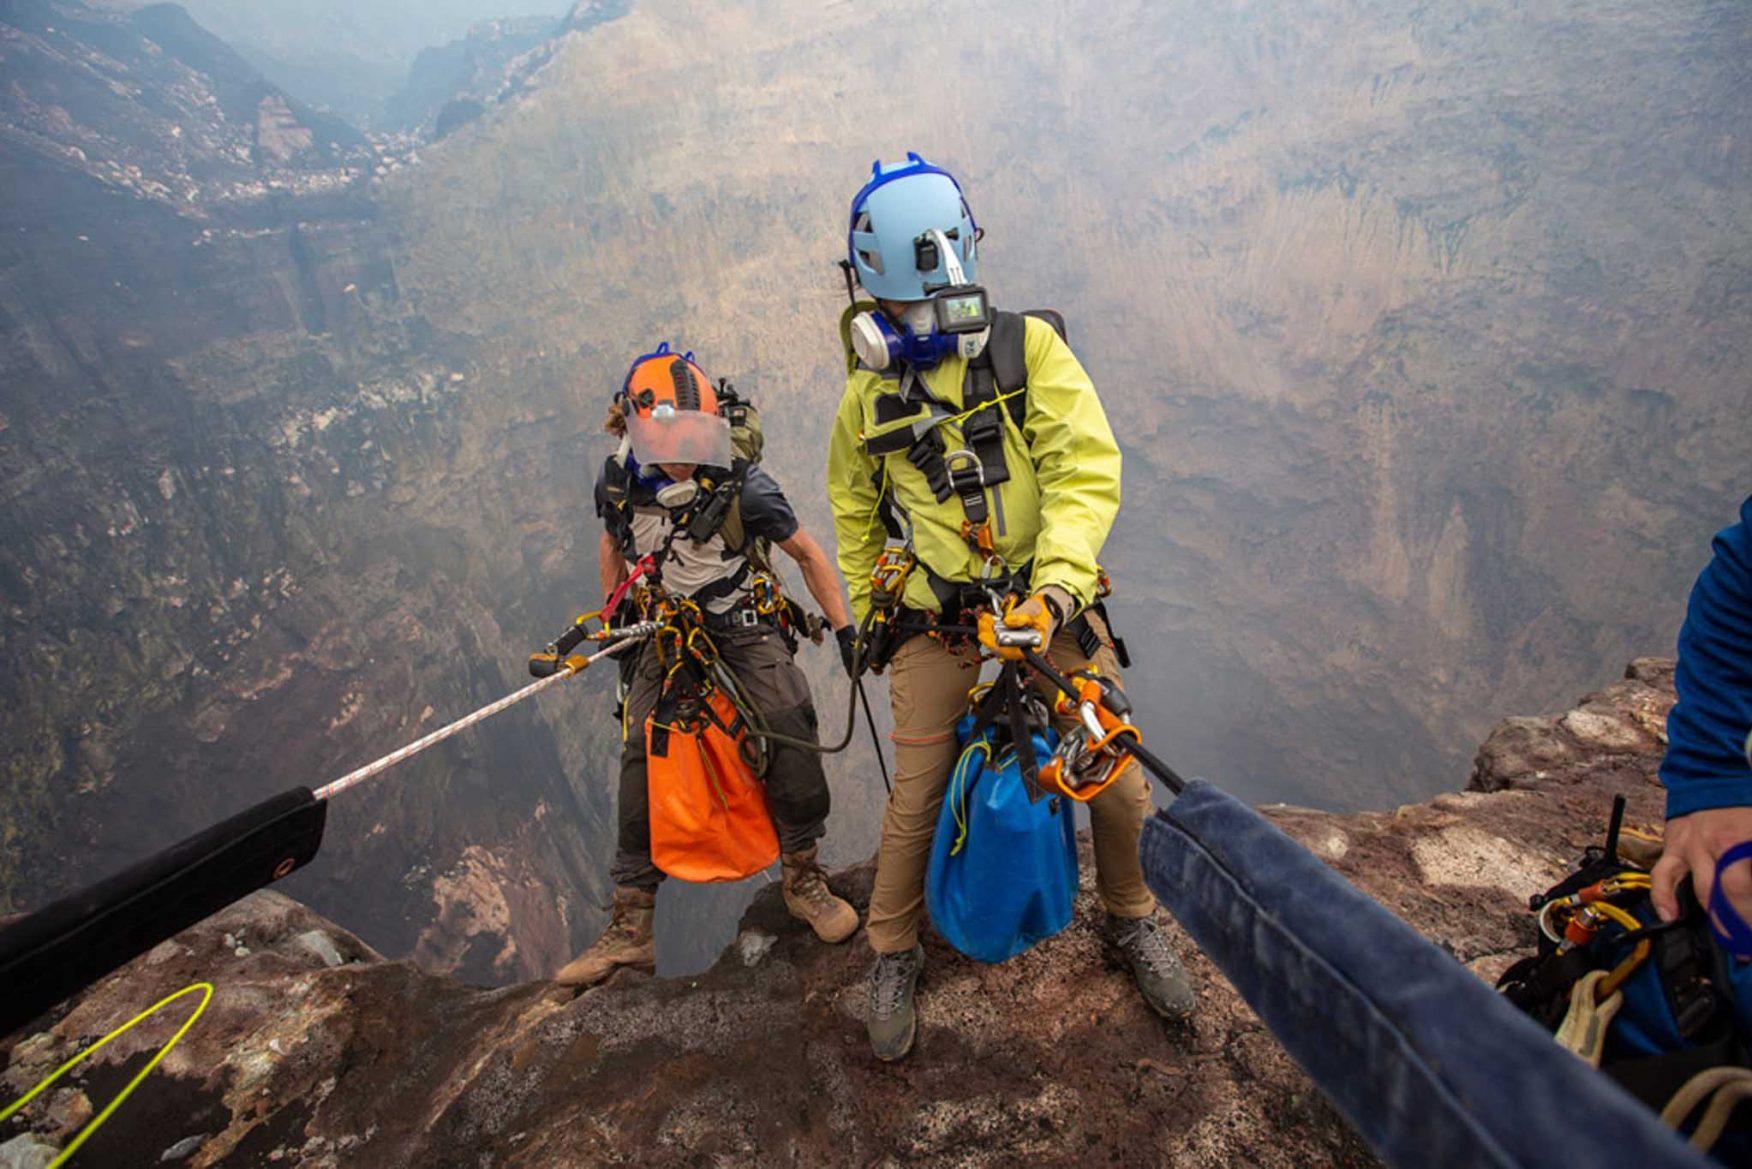 vanuatu-volcano-expedition-abseiling-3-2